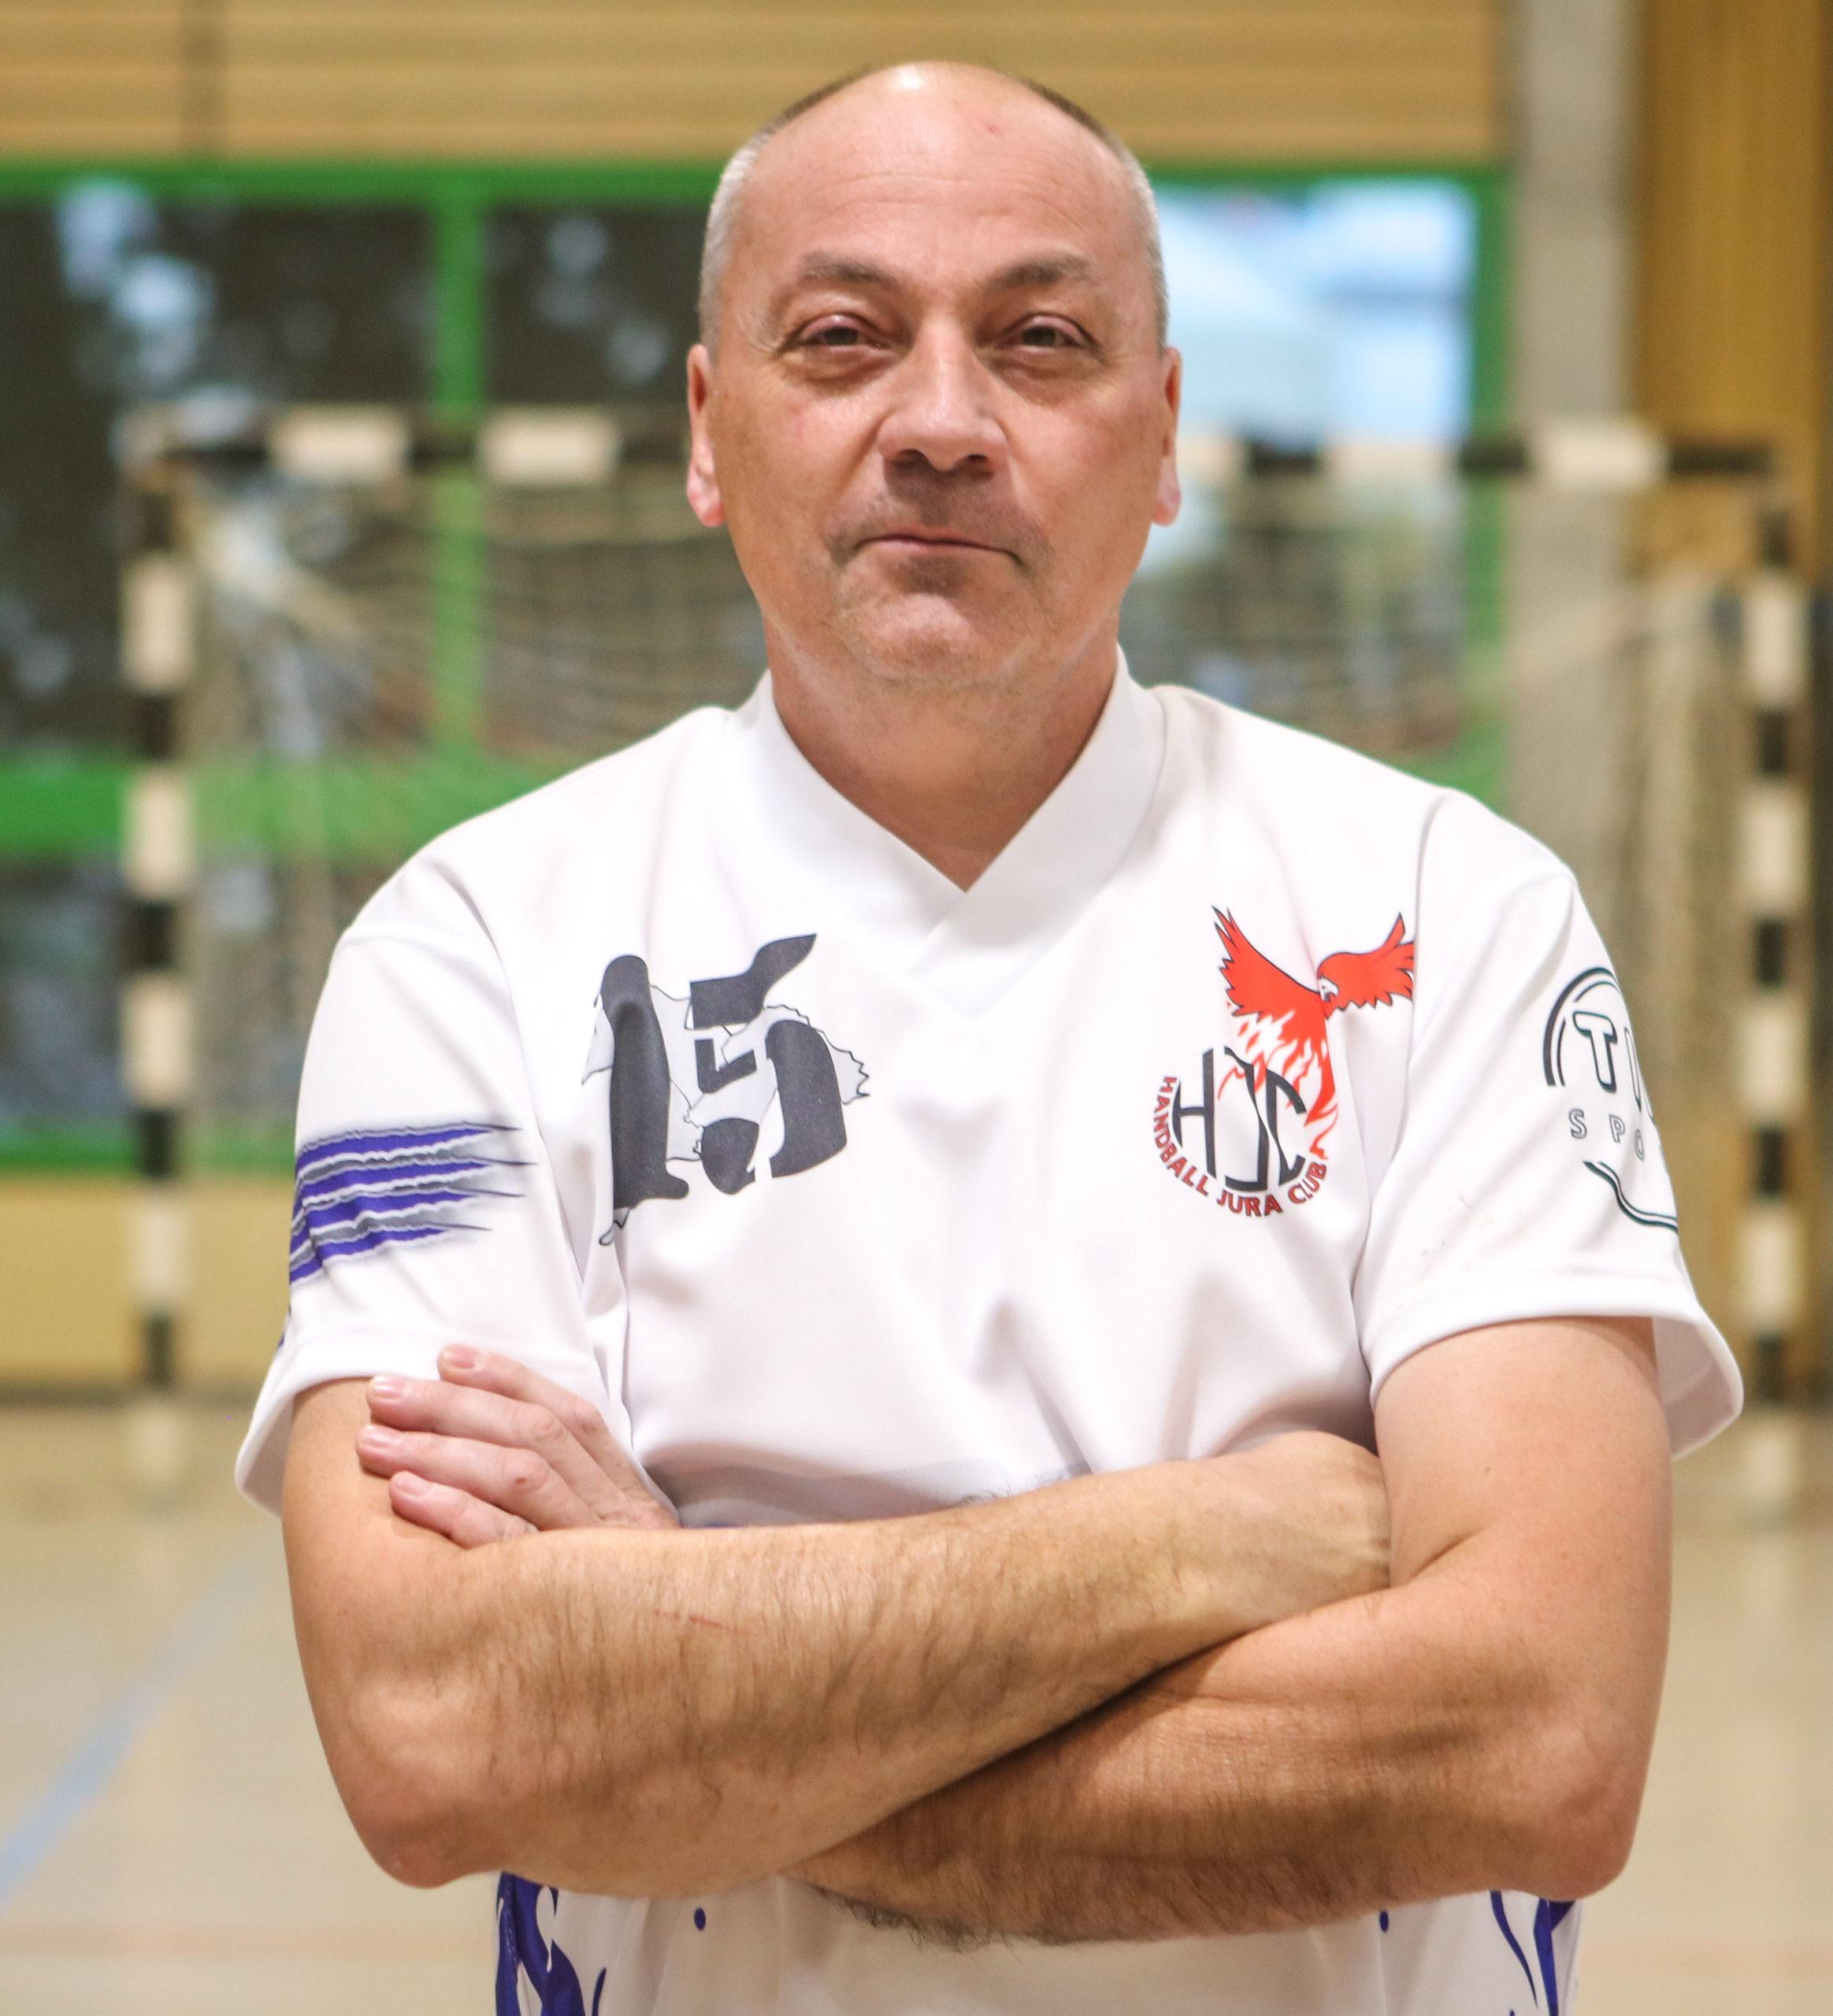 Philippe Kohler